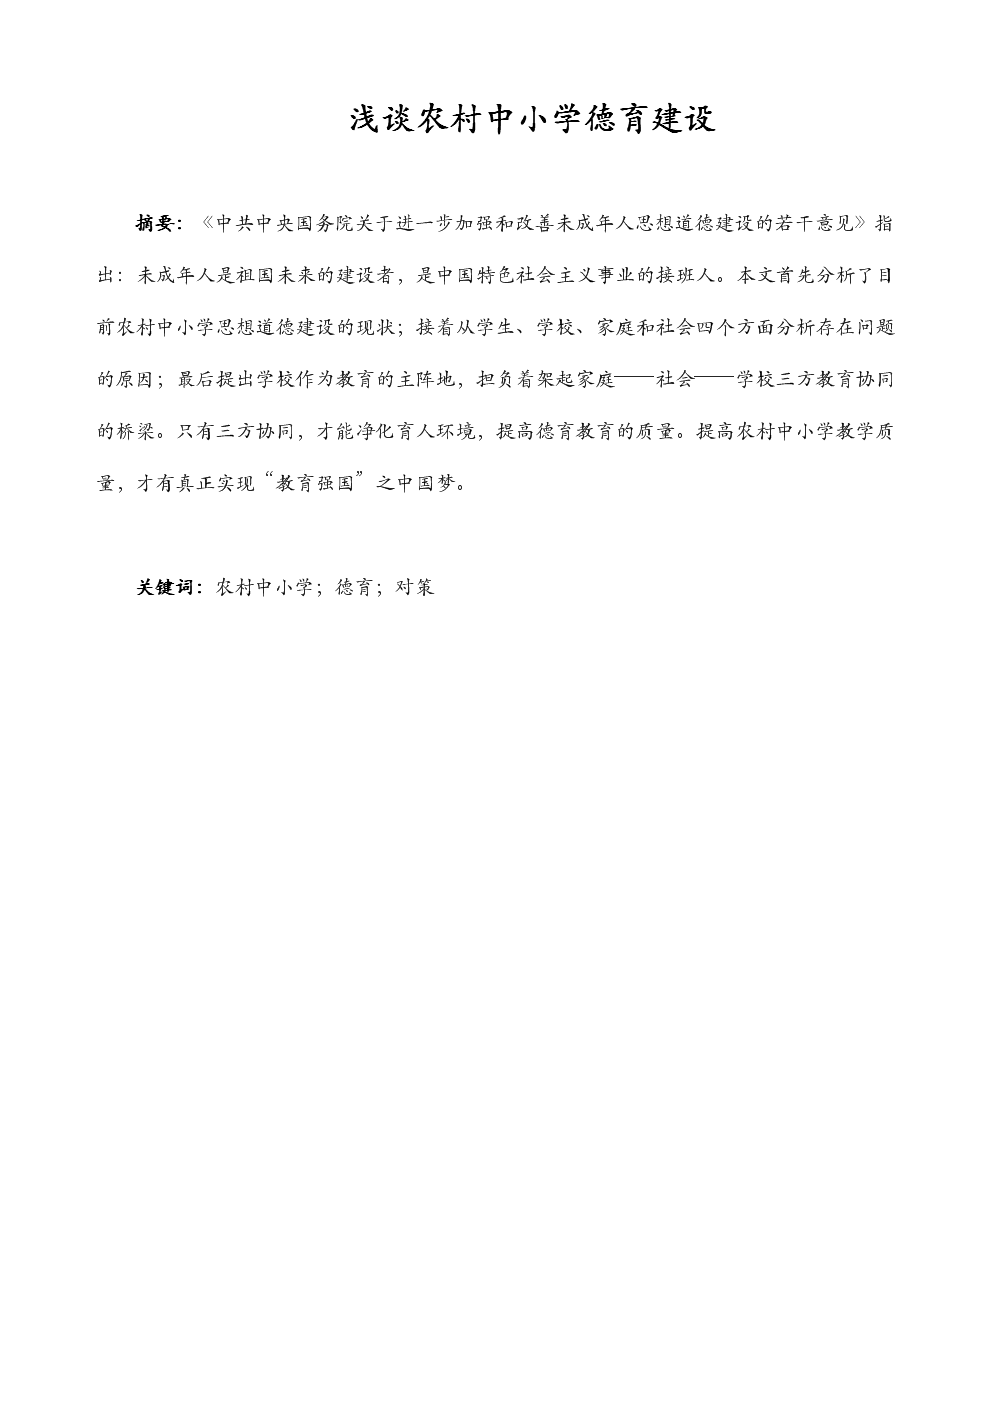 浅谈农村中小学德育建设.doc